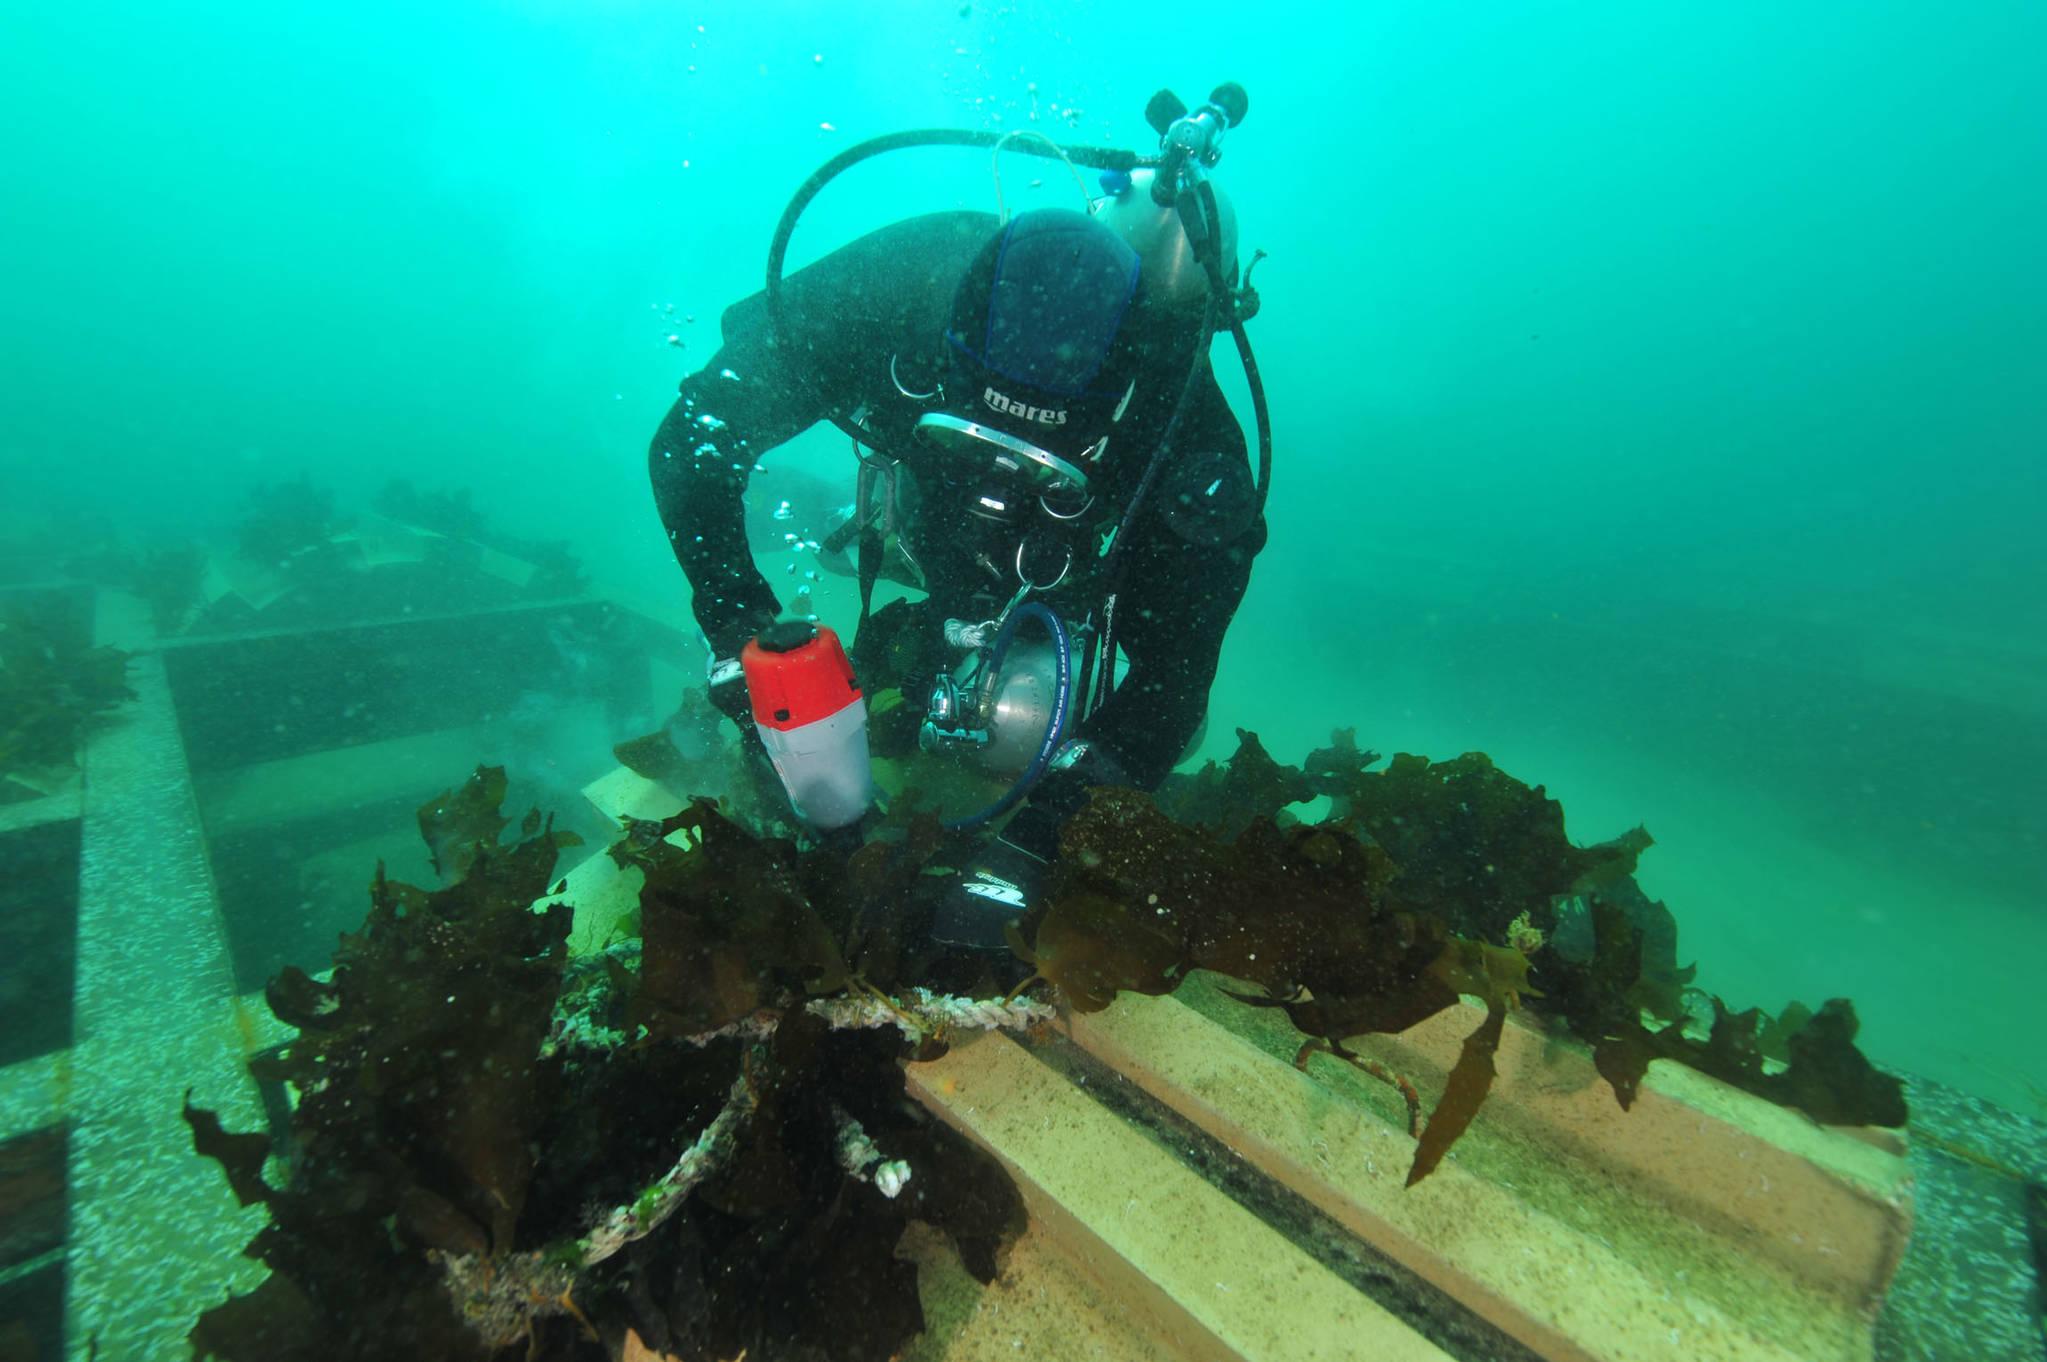 바다 숲 조성을 위해 해조류를 이식하는 모습.[한국수산자원관리공단 남해지사 제공=연합뉴스]